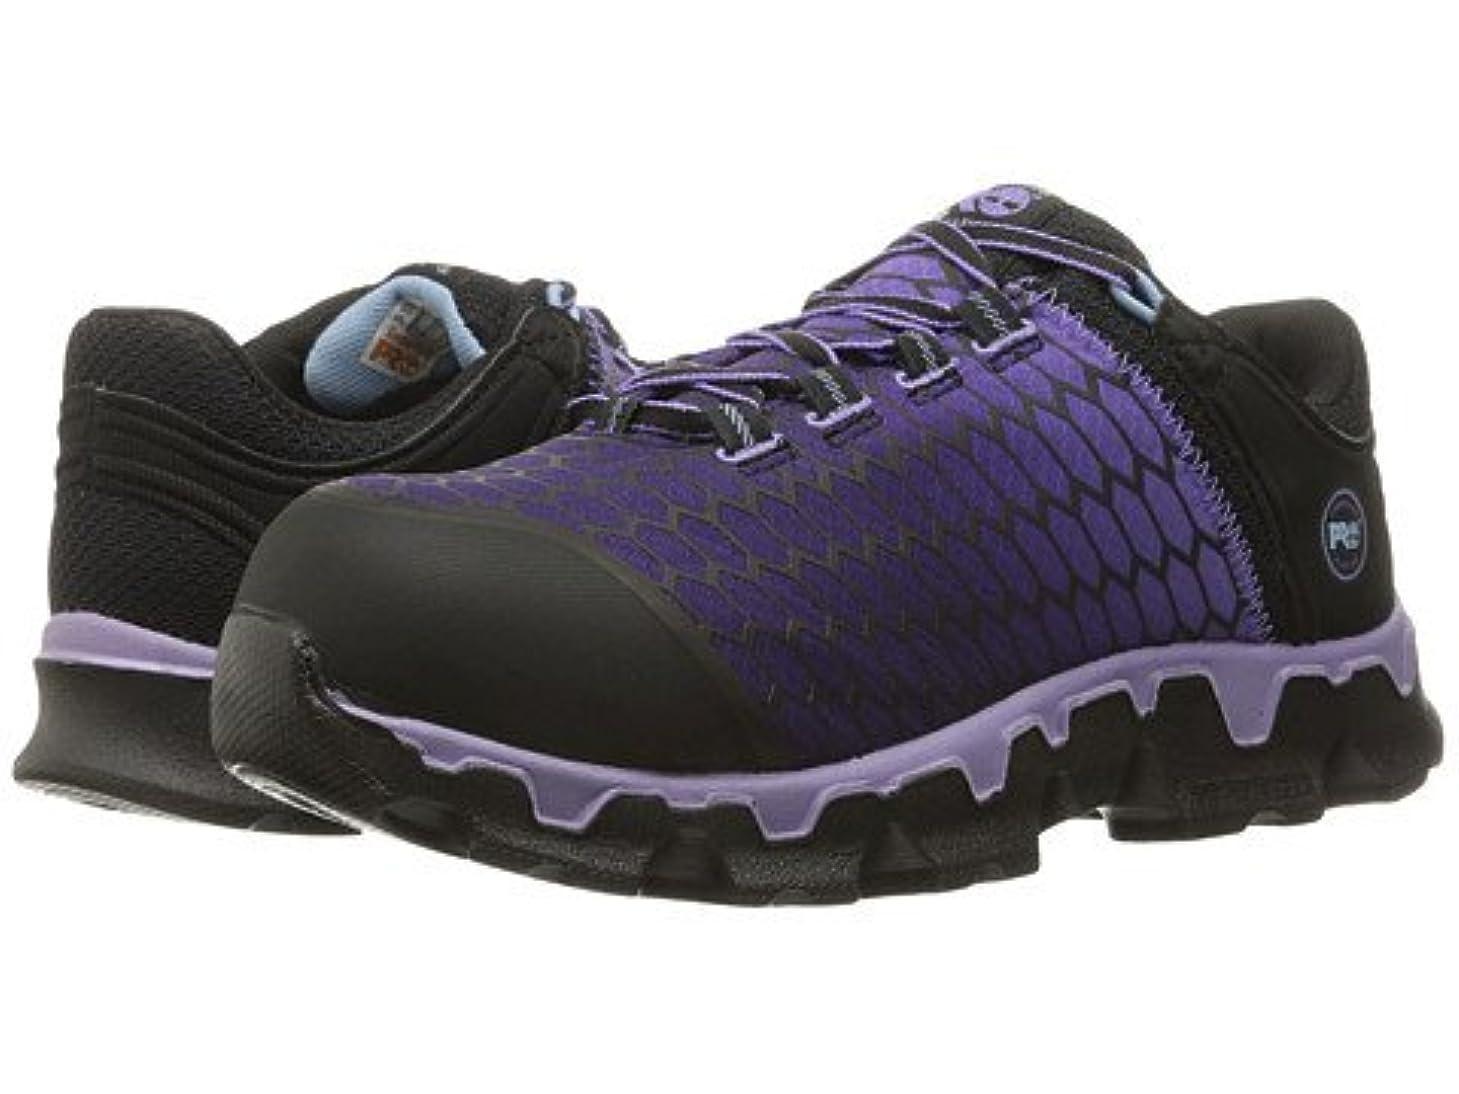 誇大妄想支配するサイレンレディースウォーキングシューズ?カジュアルスニーカー?靴 Powertrain Sport Alloy Toe SD+ Black Synthetic/Lavender 9 26cm B - Medium [並行輸入品]